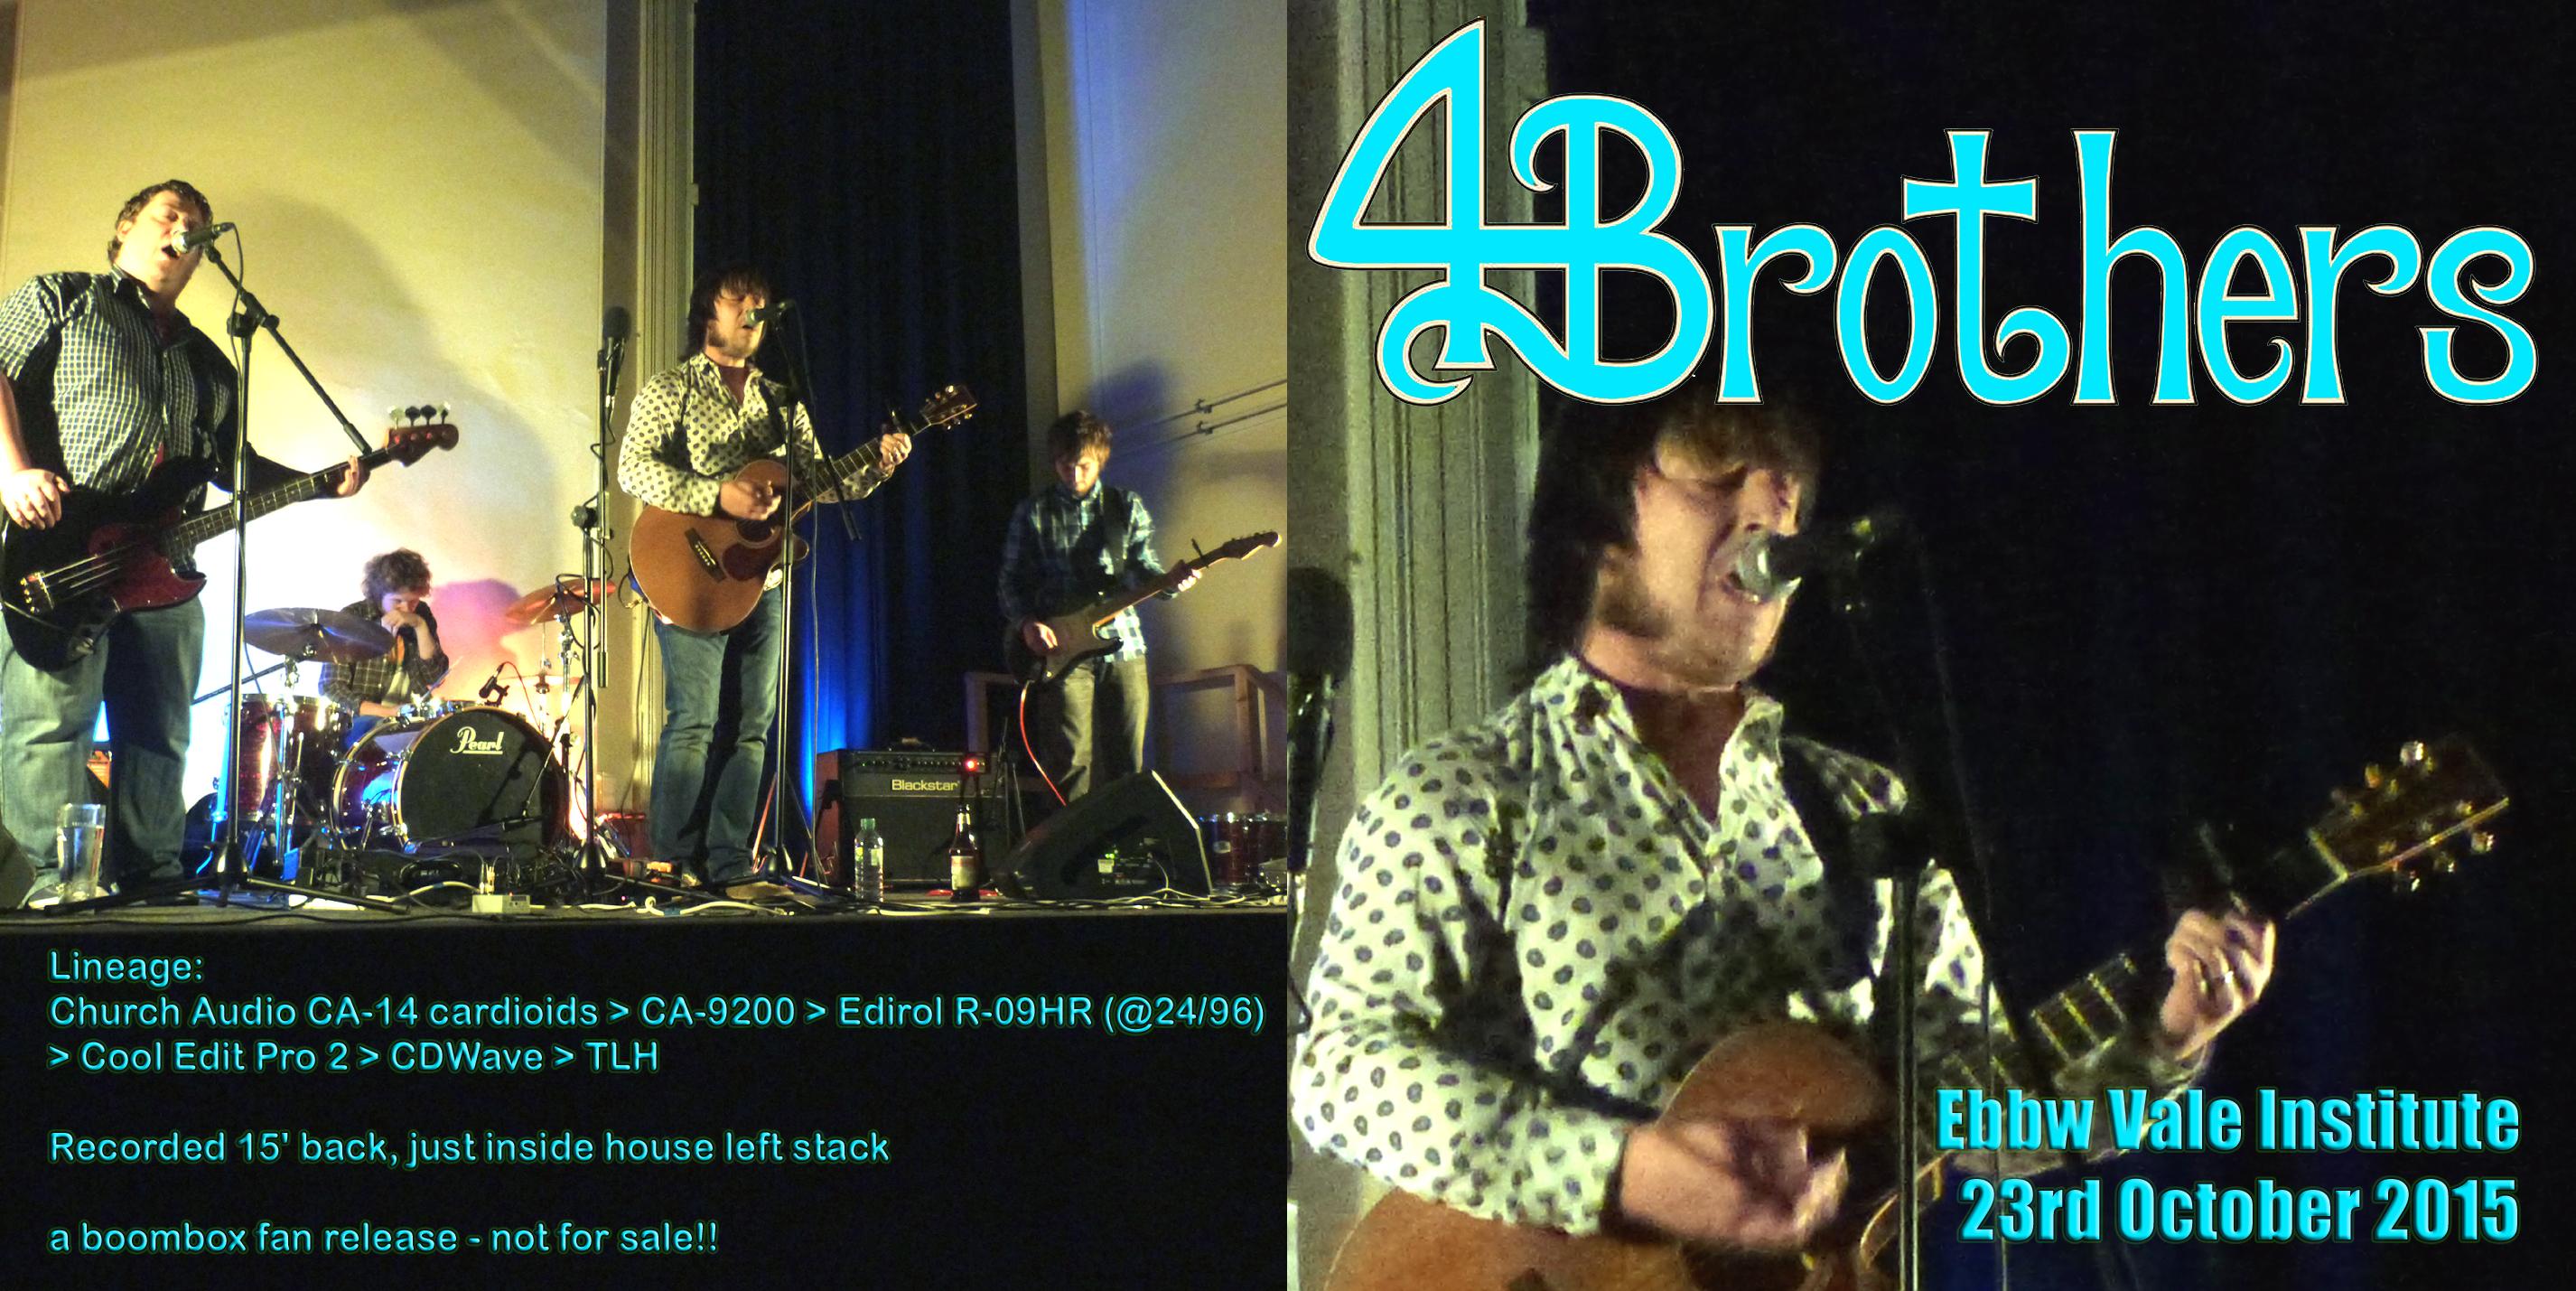 4brothers2015-10-23EbbwValeInstituteUK.jpg